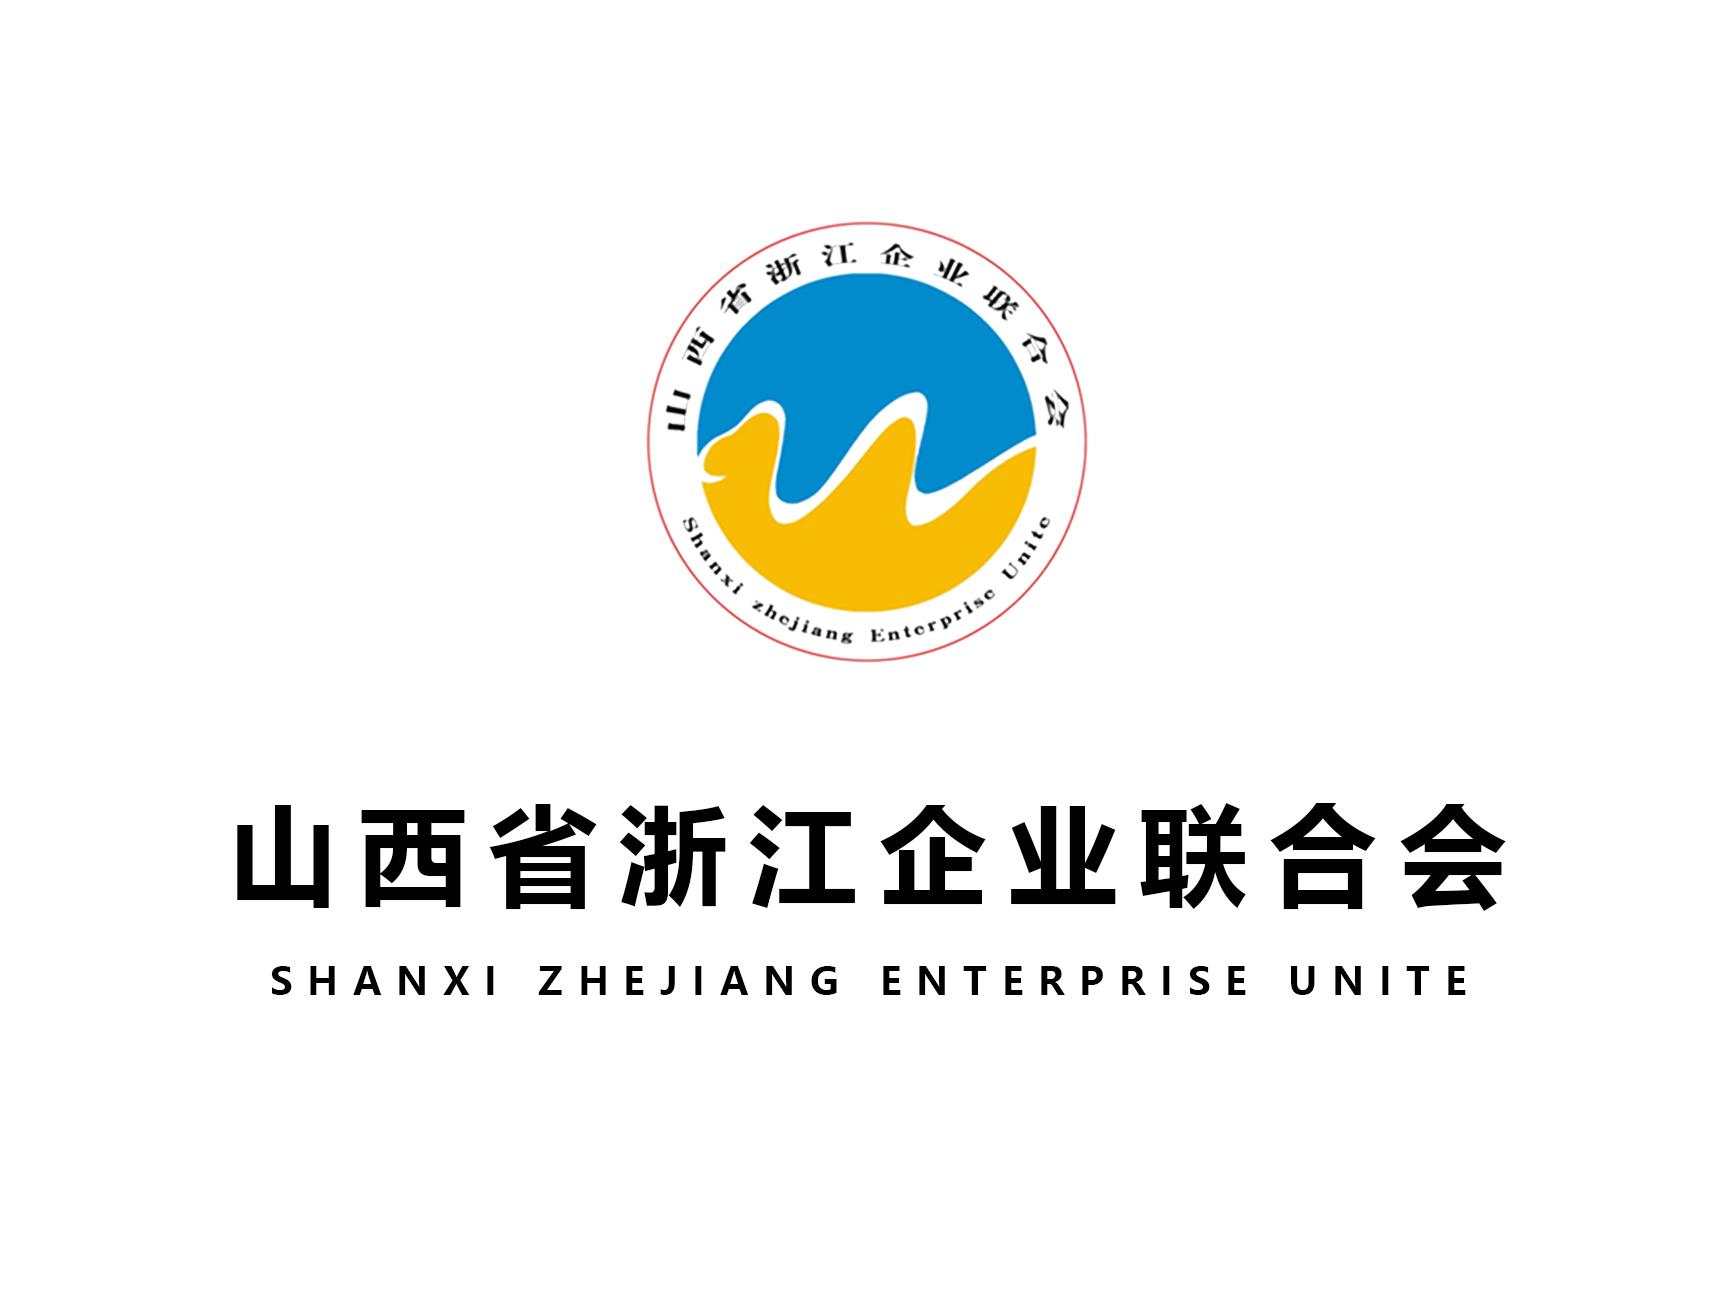 山西省浙江企业商会——为振兴山西